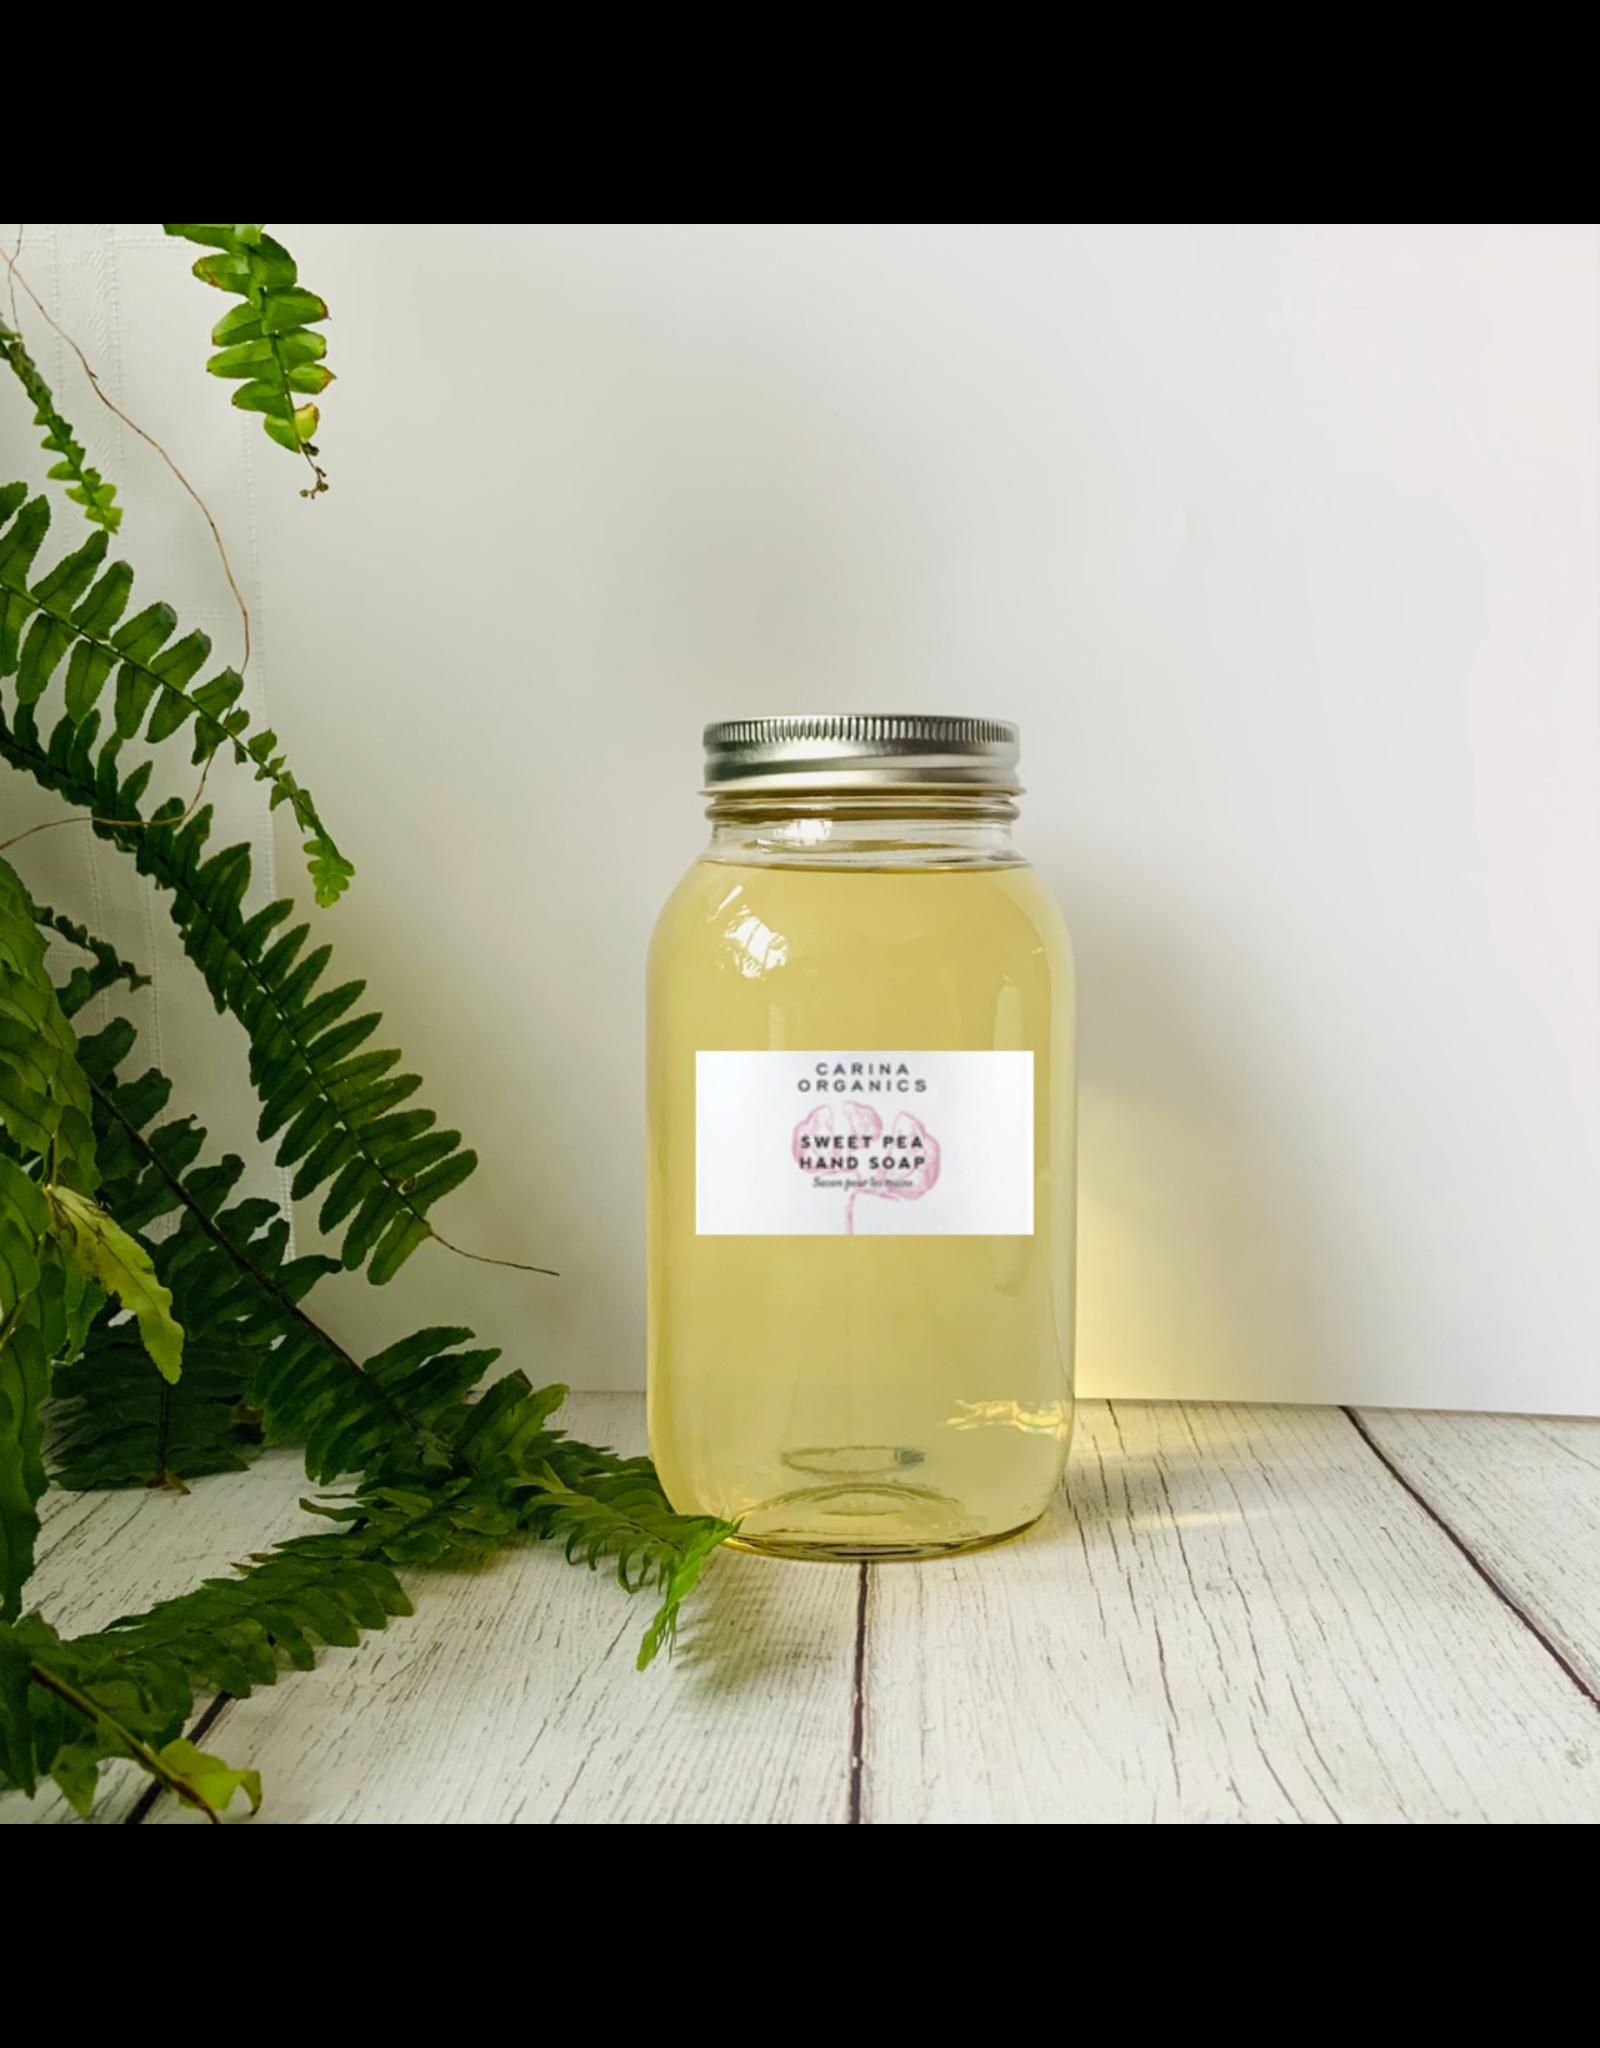 Carina Organics HomeFill - Hand Soap by Carina Organics